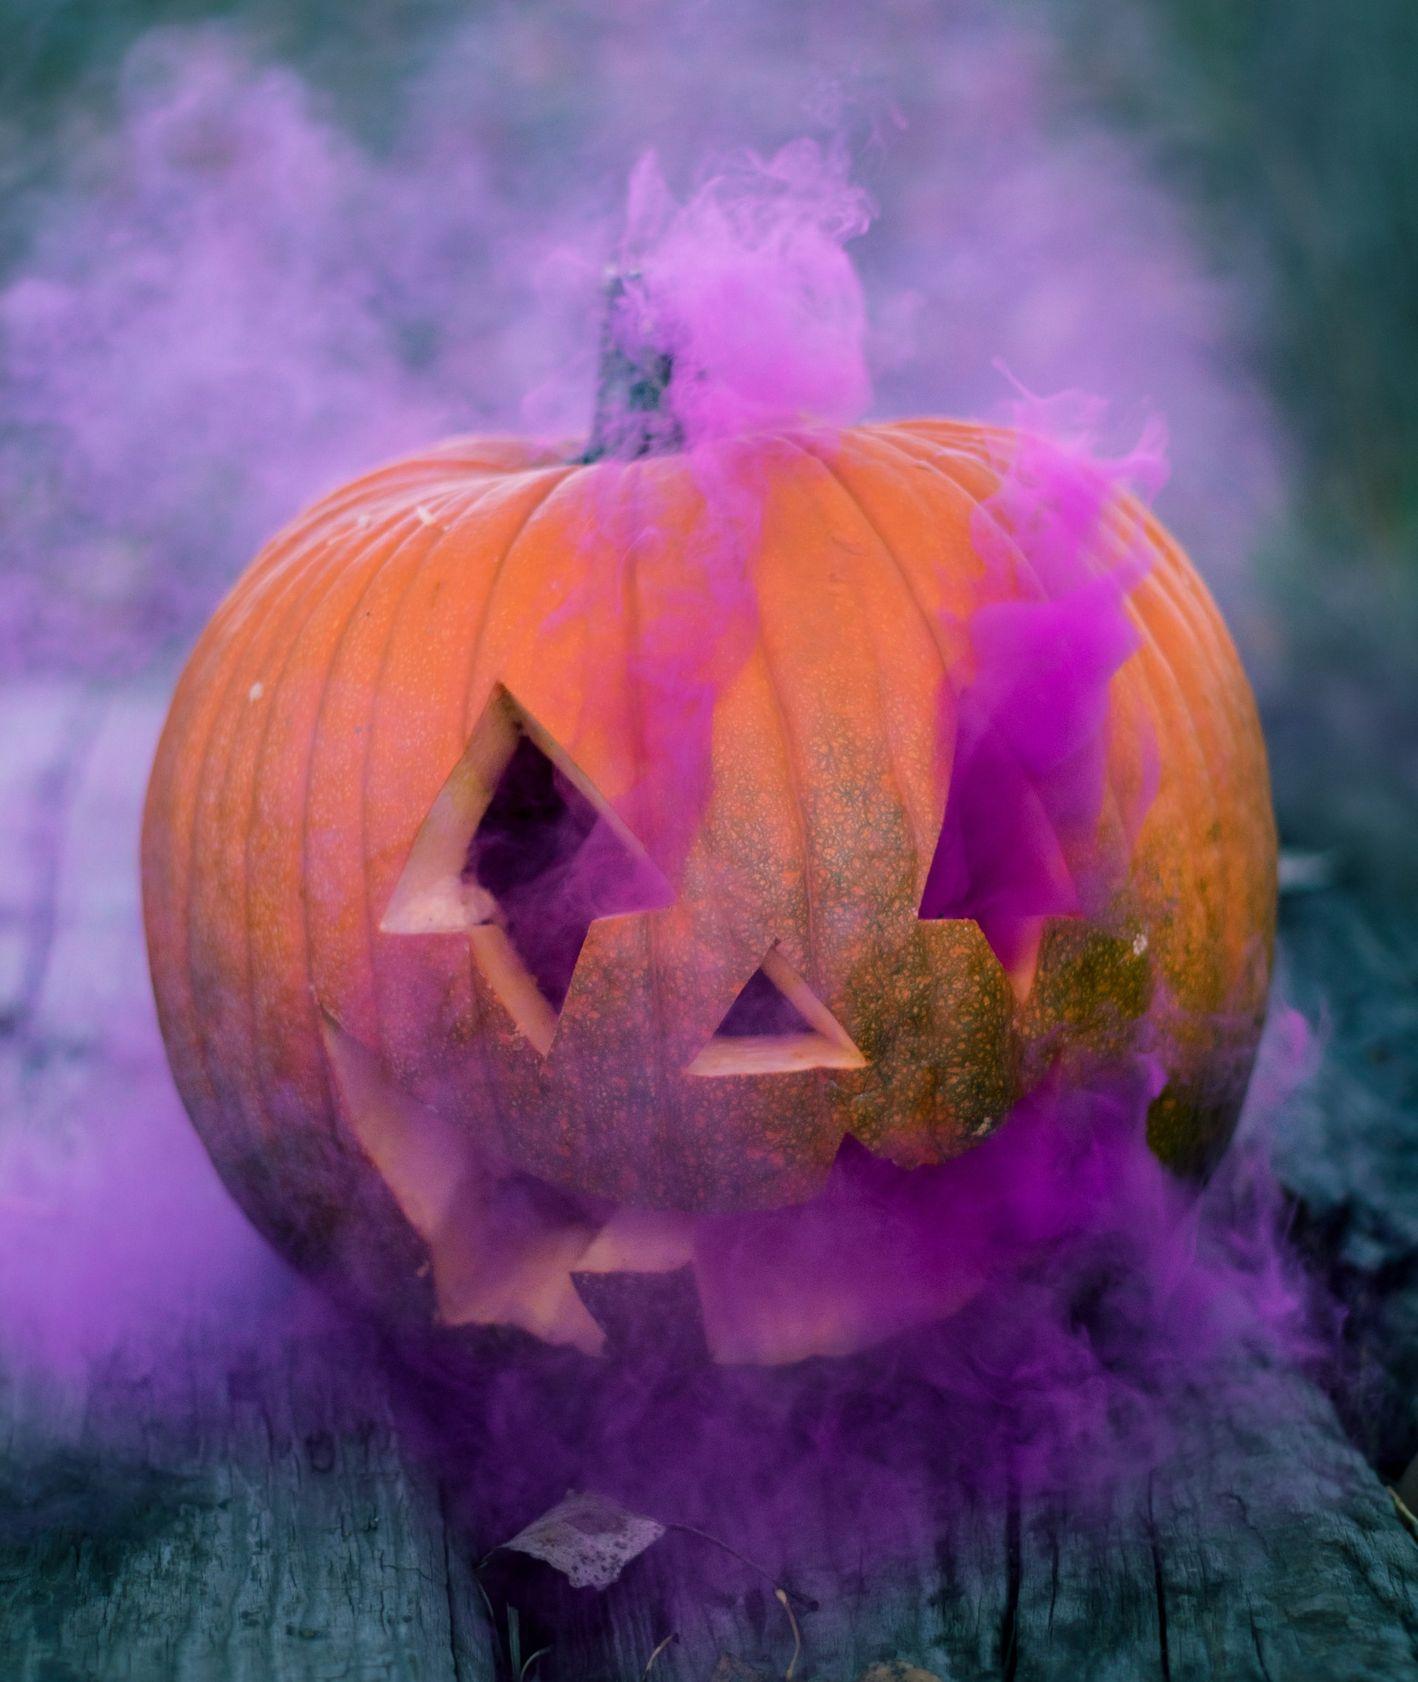 Halloweenowa dynia (fot. Colton Sturgeon / unsplash.com)